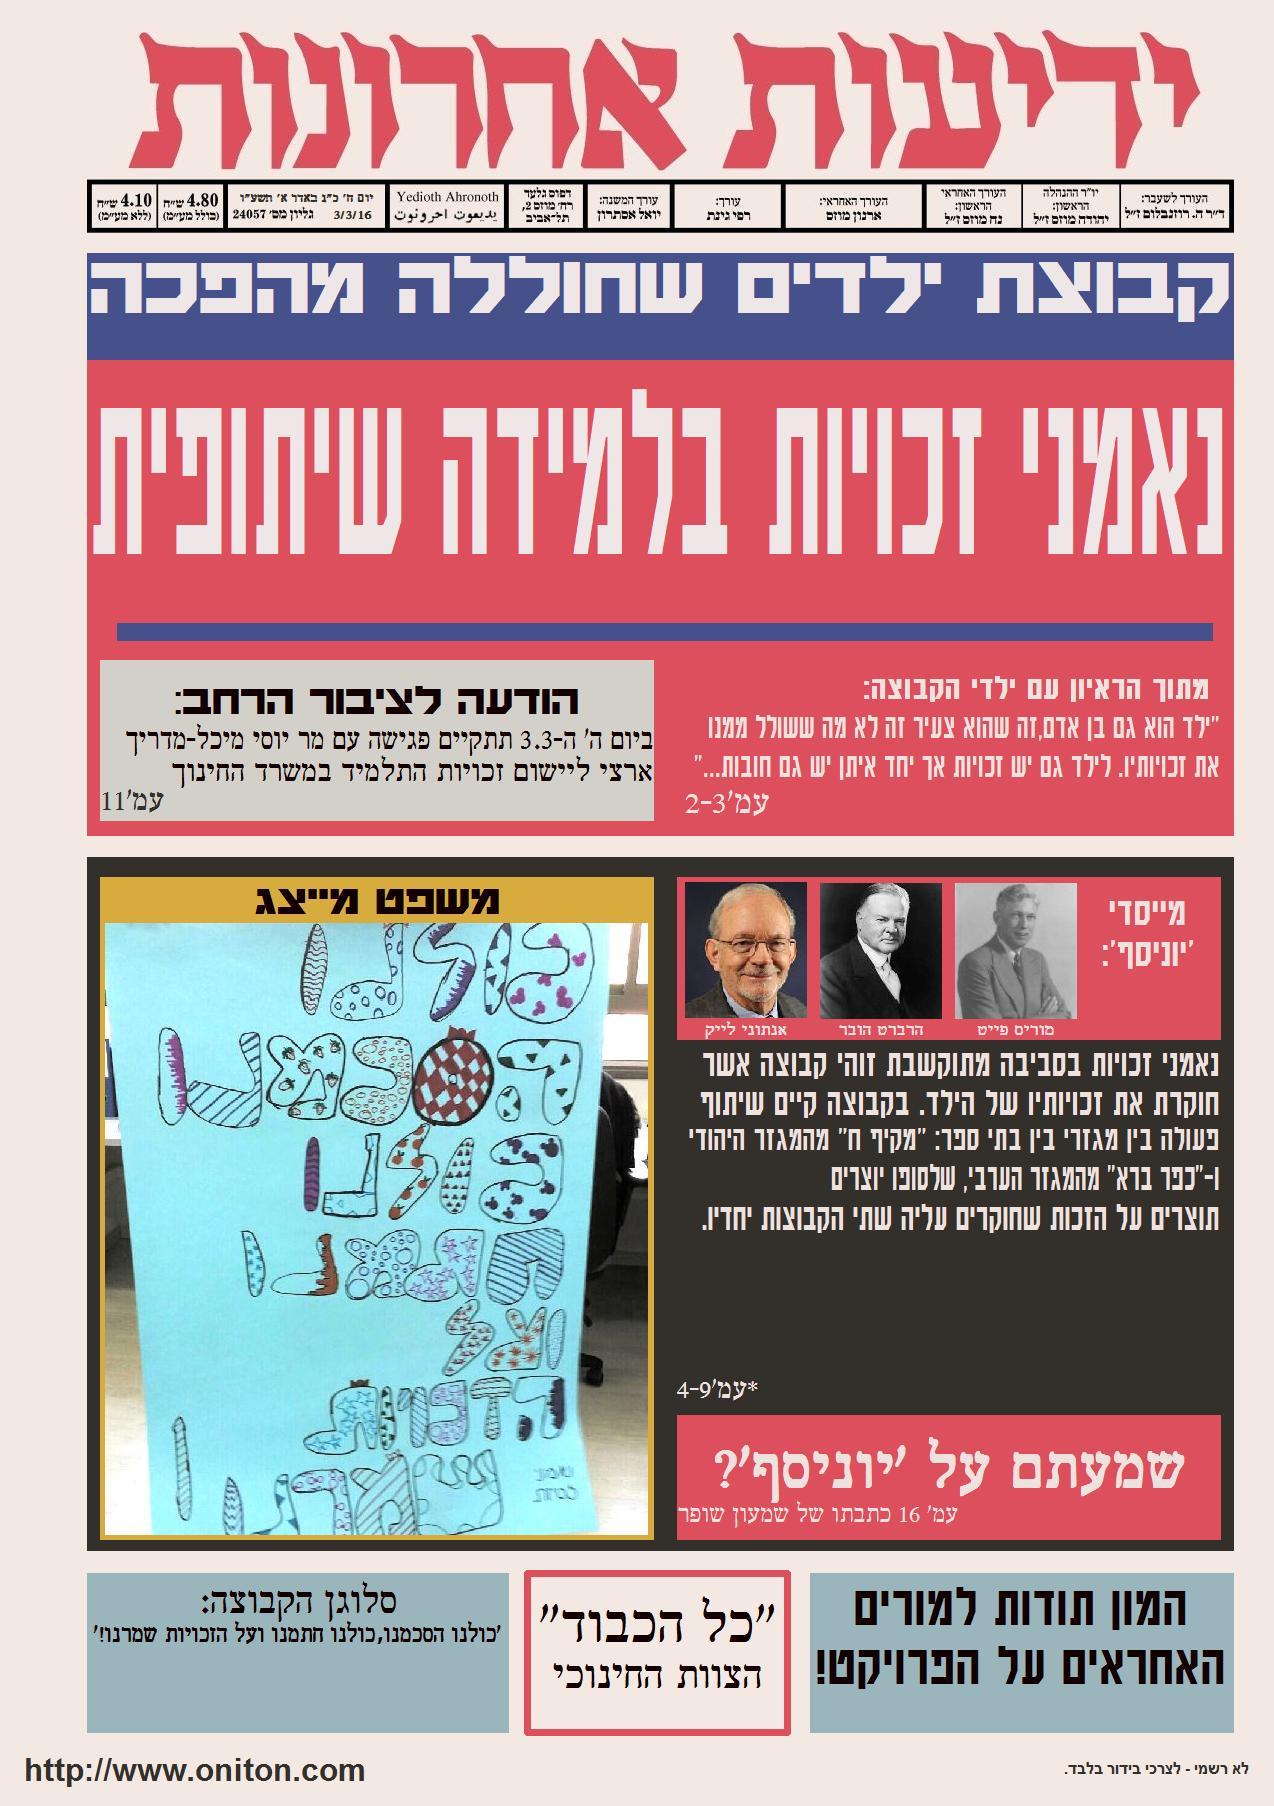 נאמני זכויות בלמידה שיתופית by osher arviv - Ourboox.com